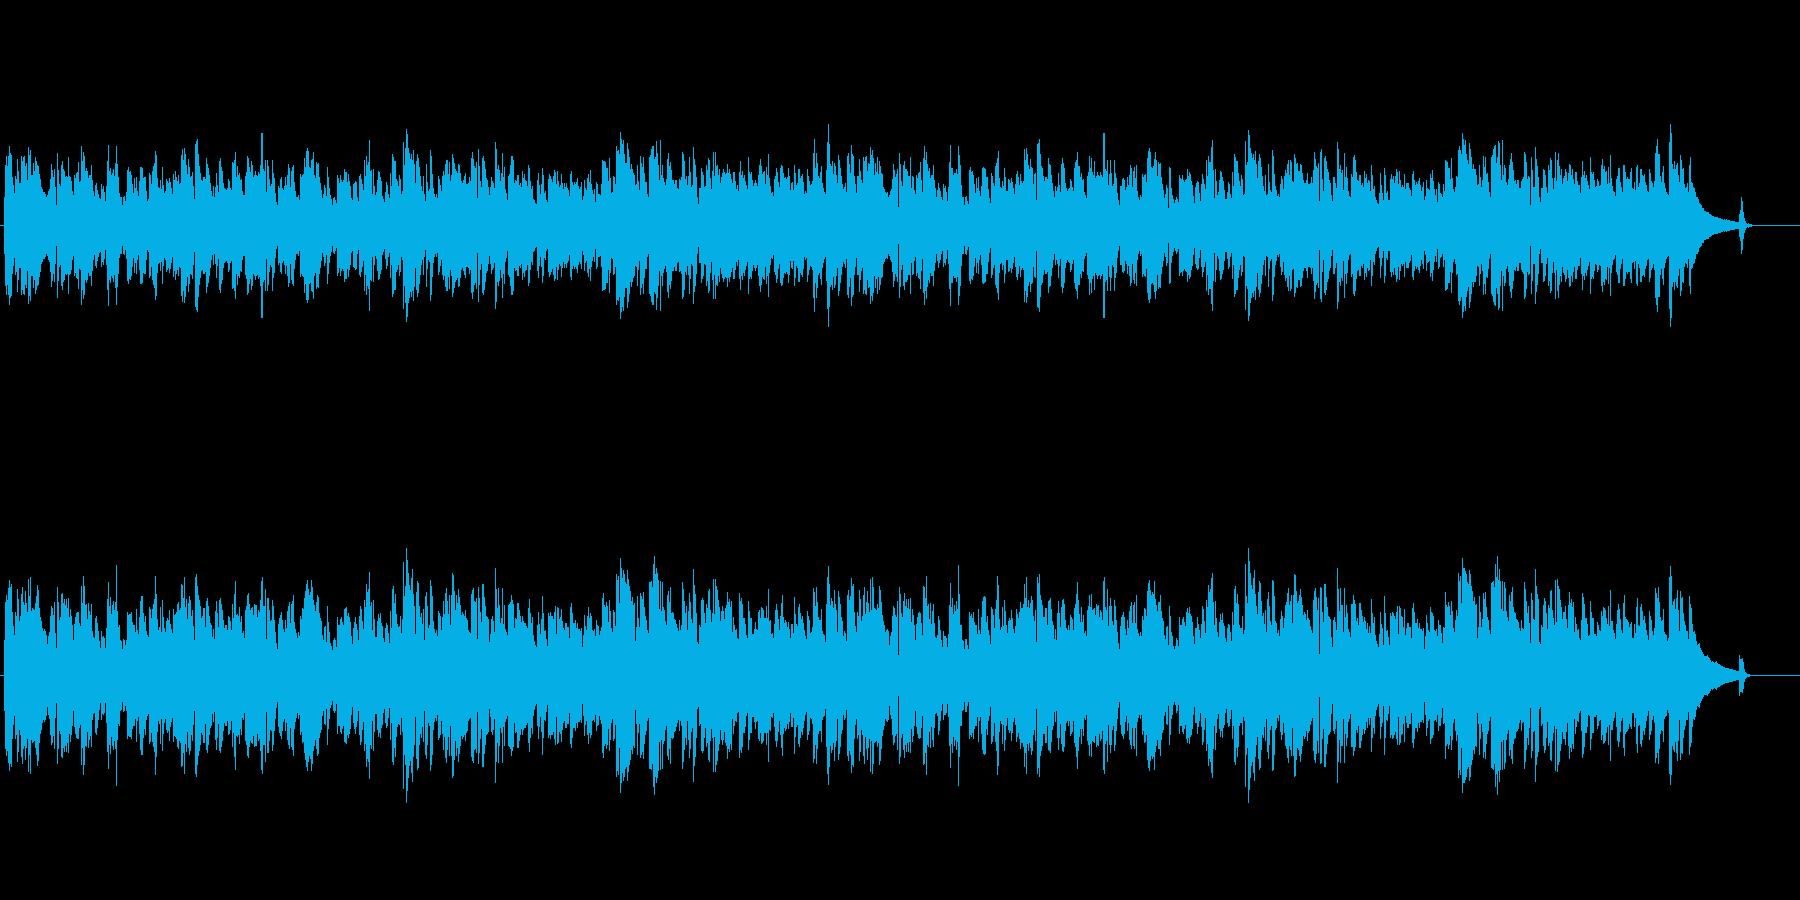 独りぼっちの街角イメージのジャジーな曲の再生済みの波形